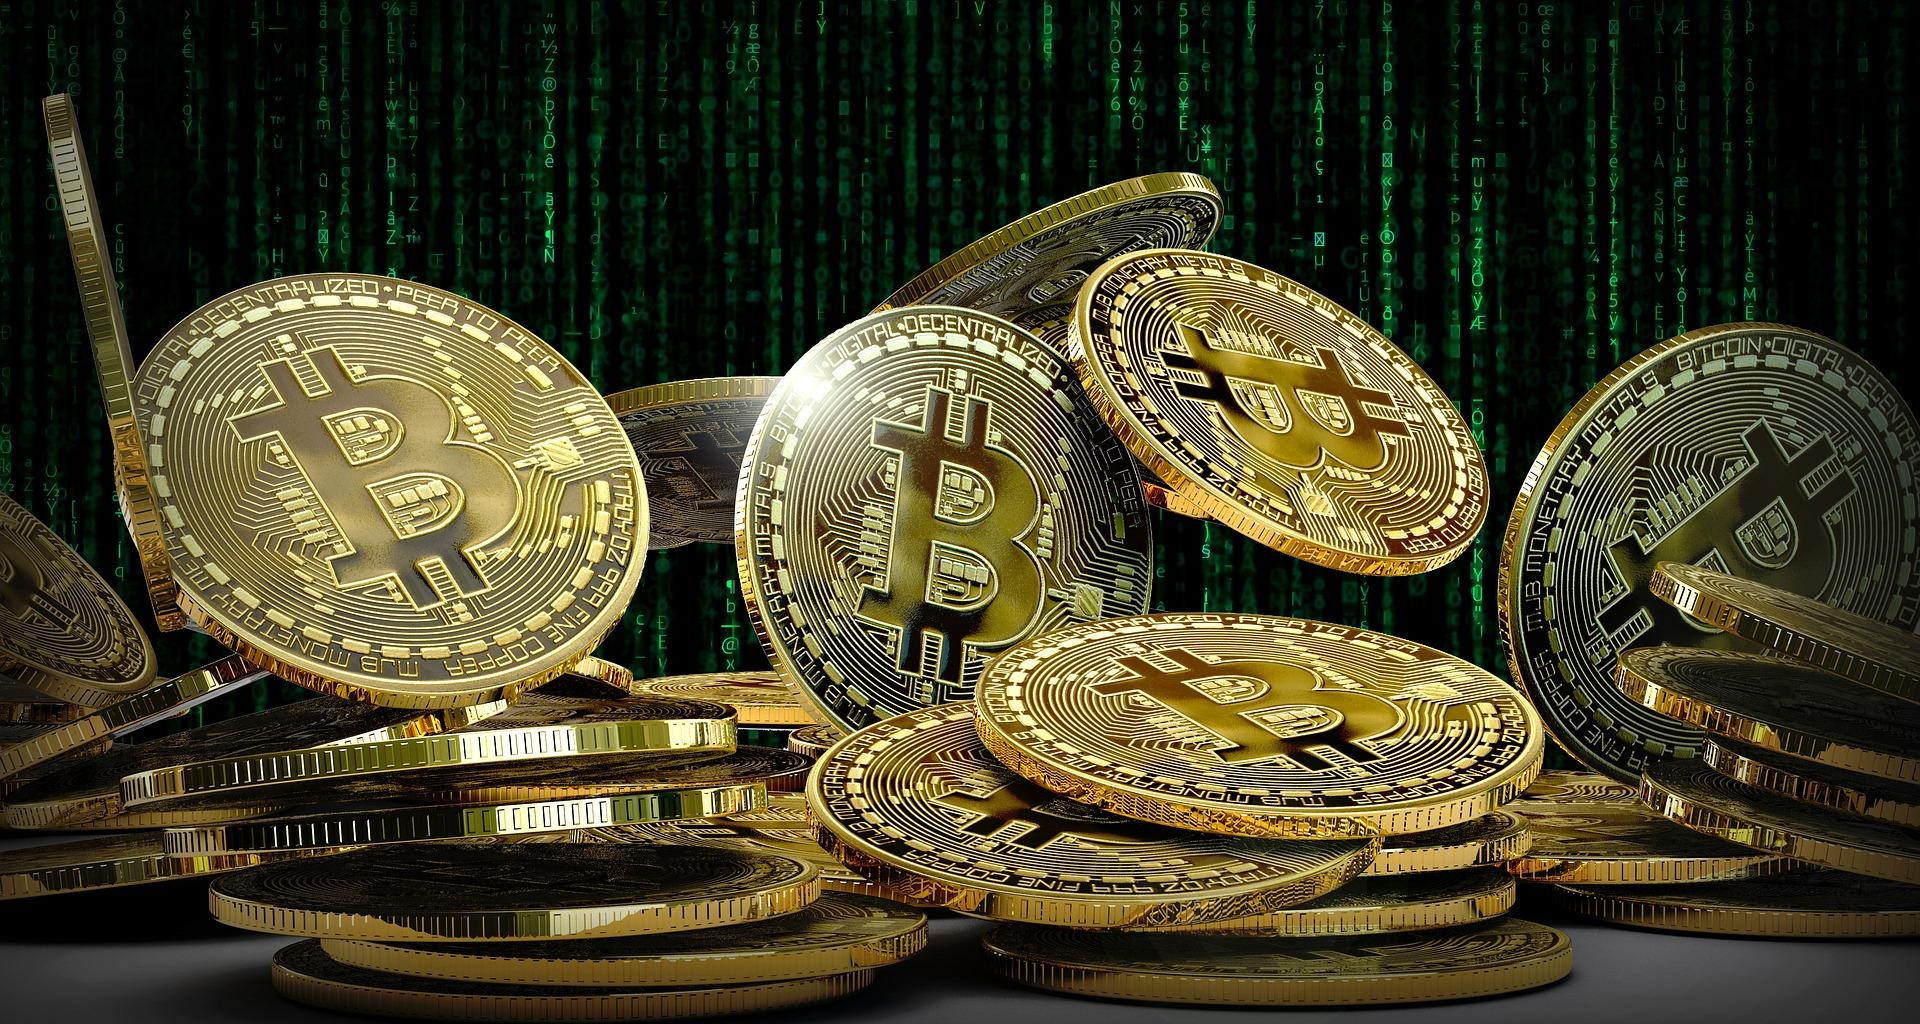 valuta simile a bitcoin